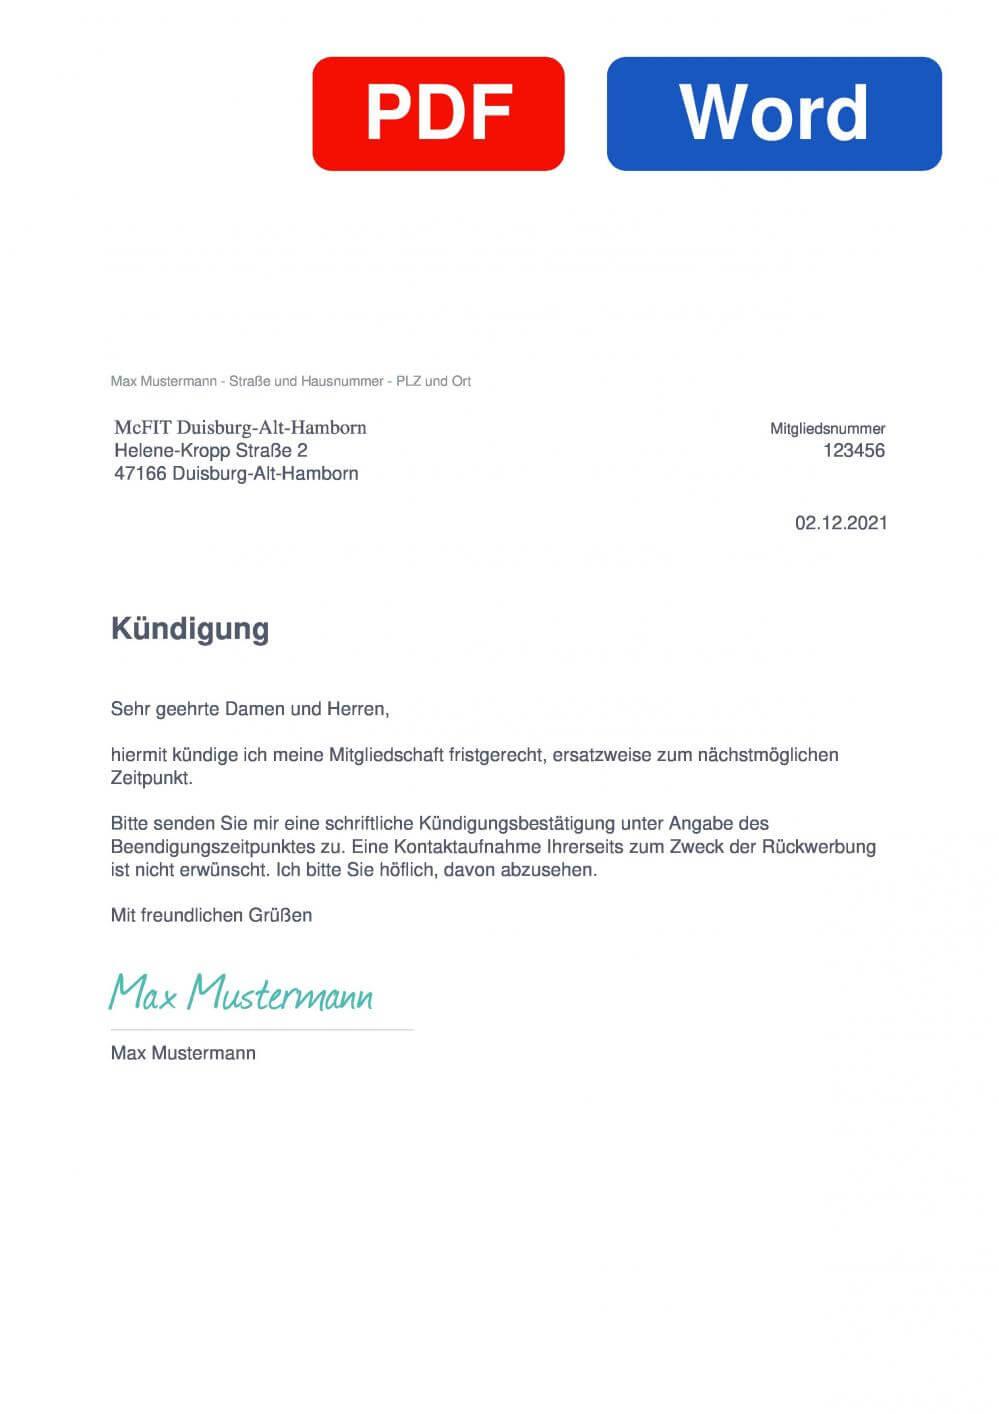 McFIT Duisburg-Alt-Hamborn Muster Vorlage für Kündigungsschreiben